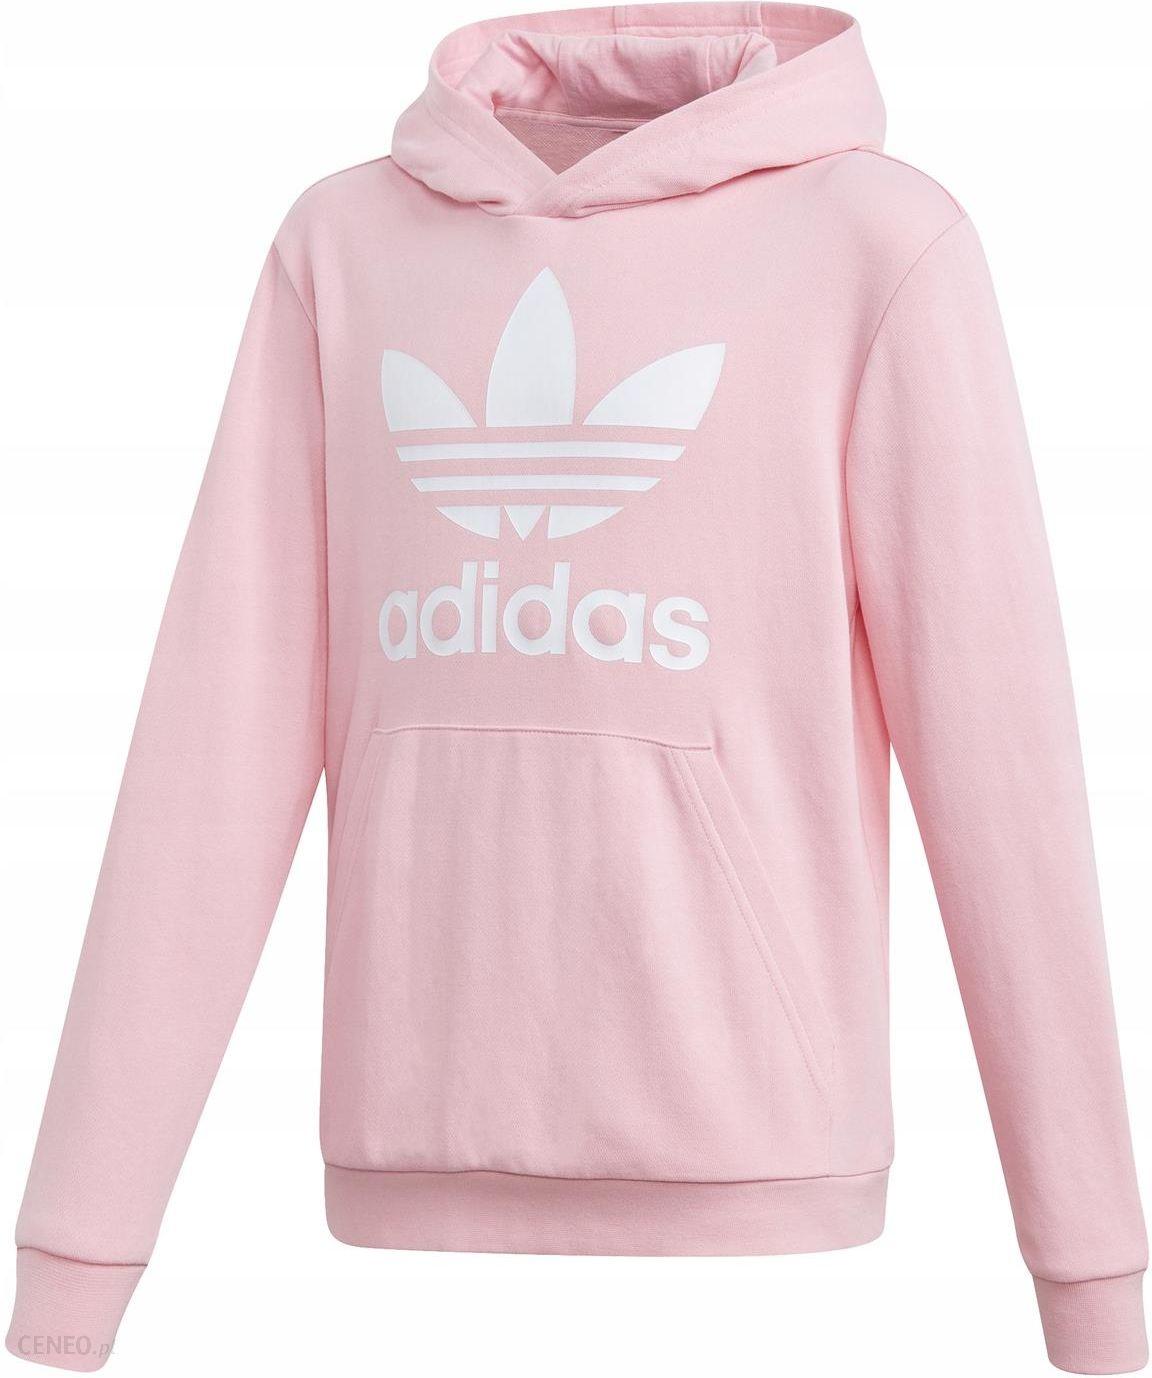 140 Bluza Dziecięce Adidas Trefoil DV2877 Różowa Ceny i opinie Ceneo.pl